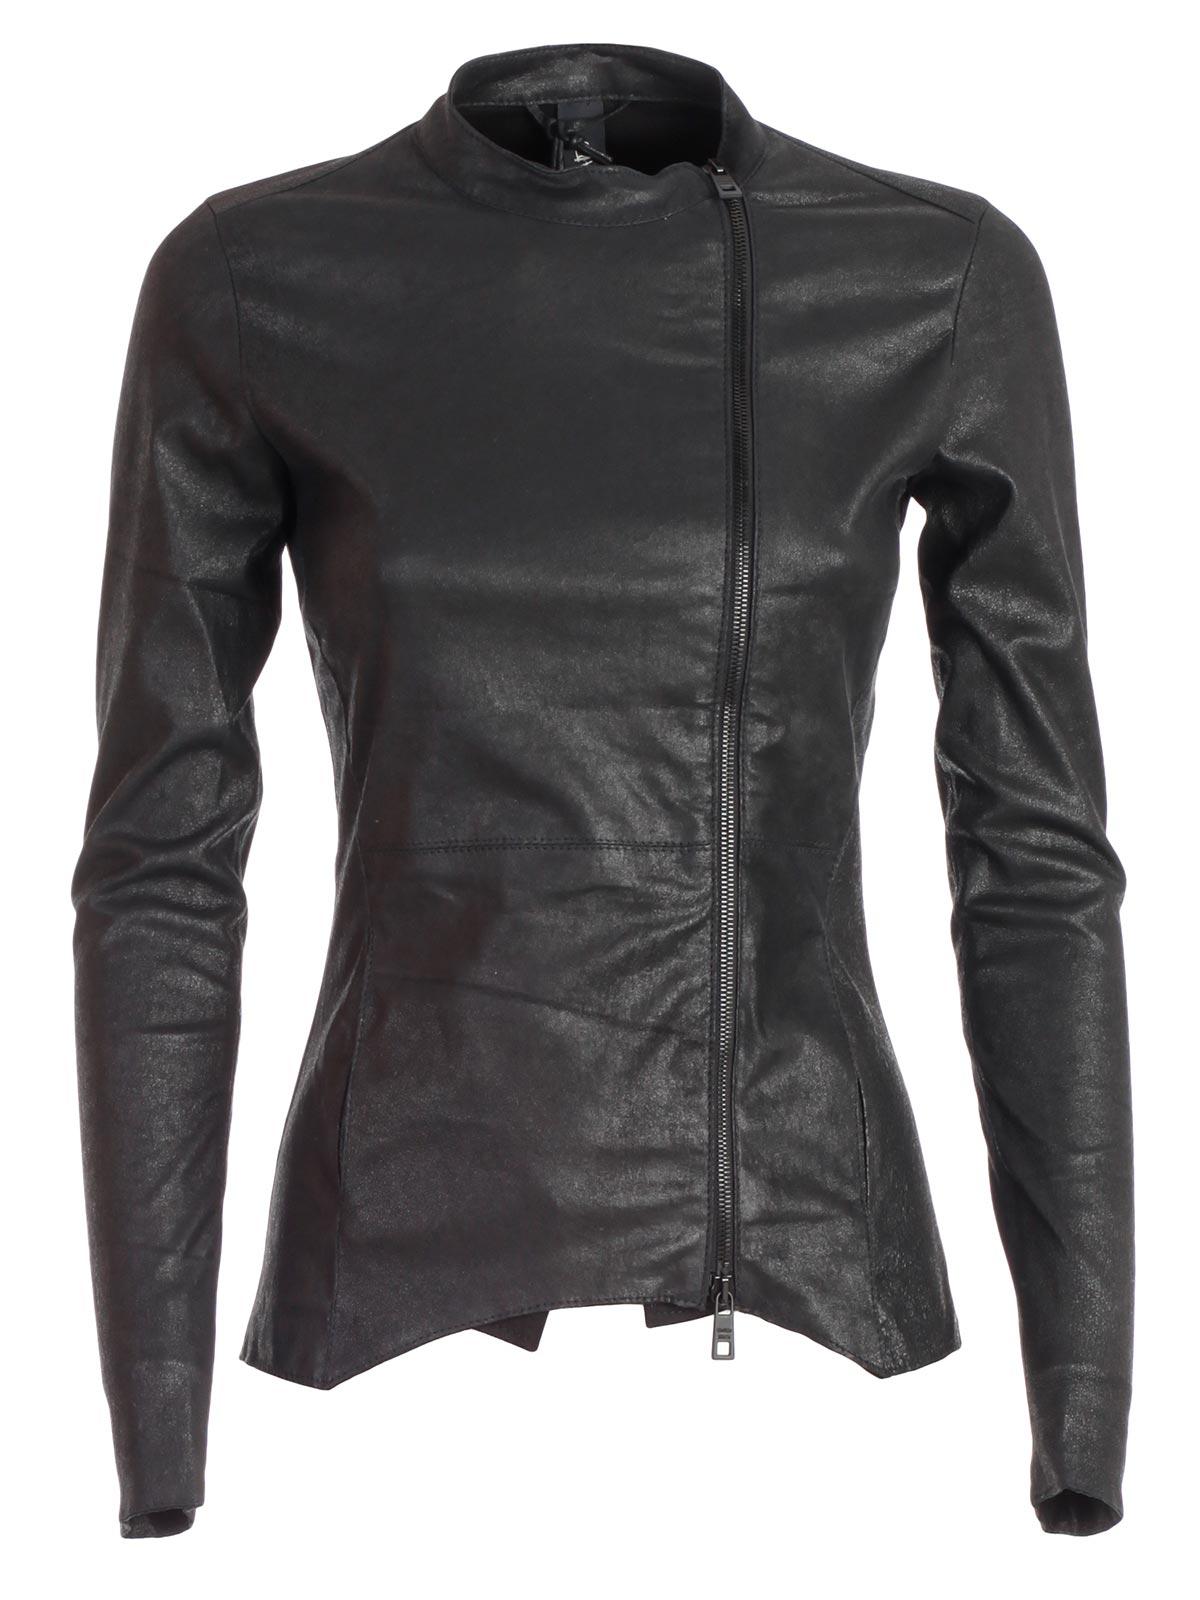 Picture of Giorgio Brato Leather Jacket